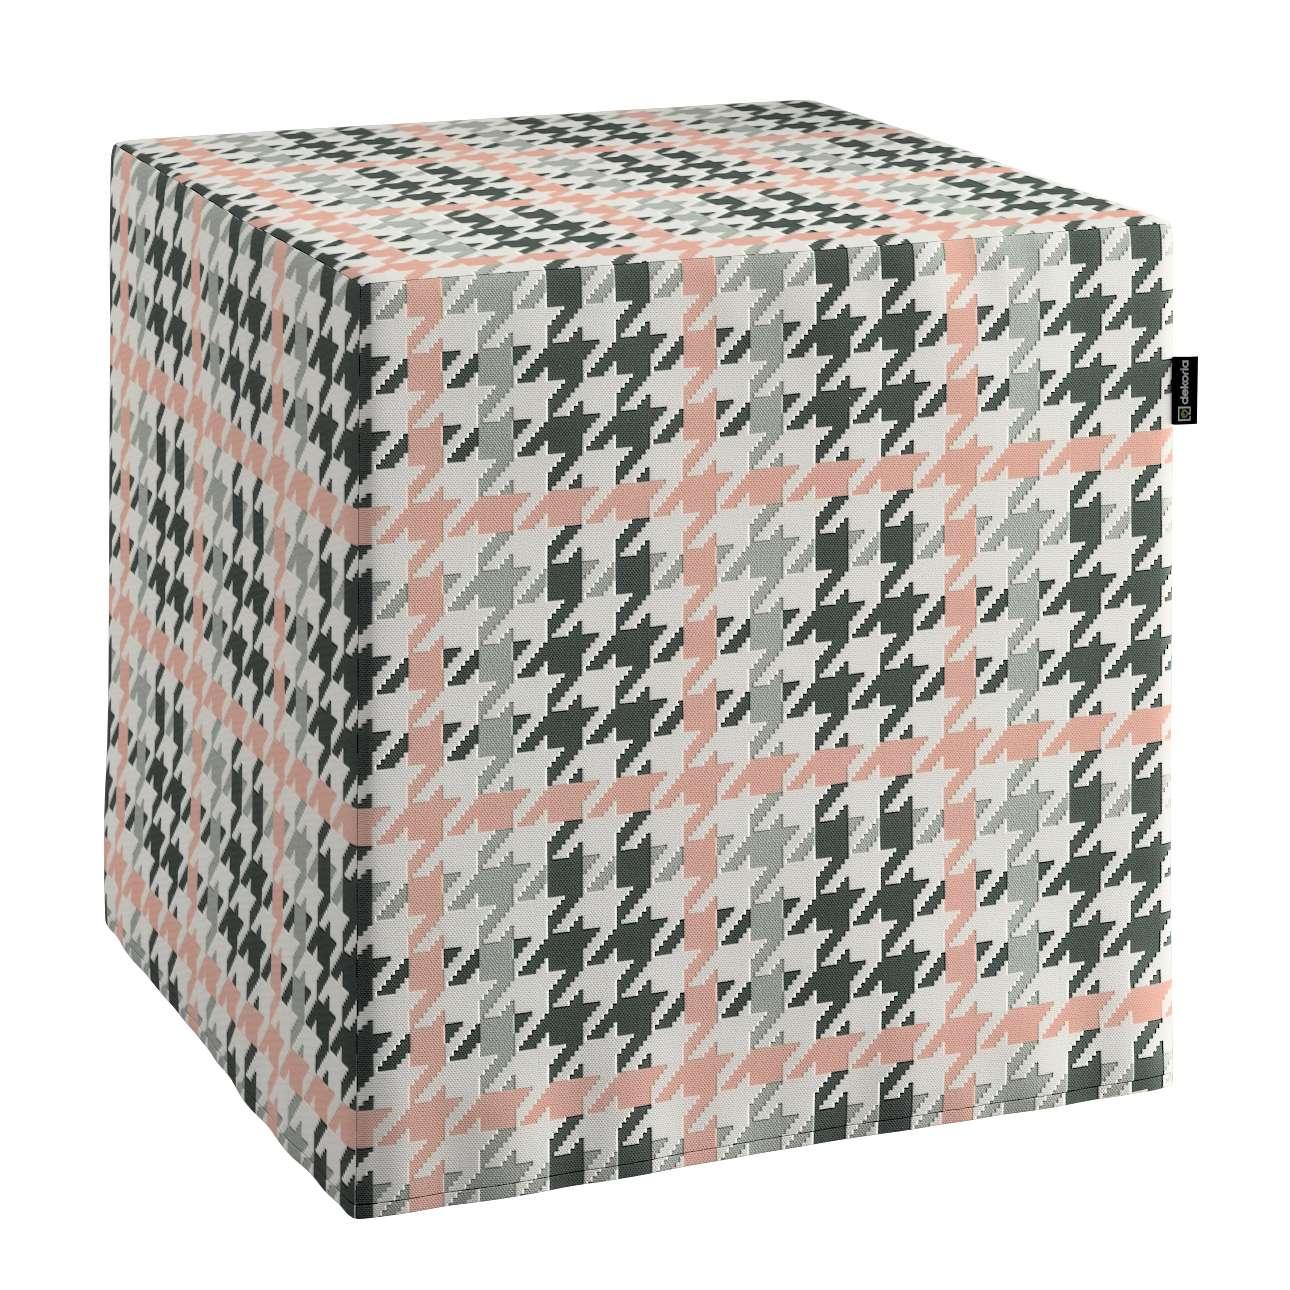 Bezug für Sitzwürfel Bezug für Sitzwürfel 40x40x40 cm von der Kollektion Brooklyn, Stoff: 137-75